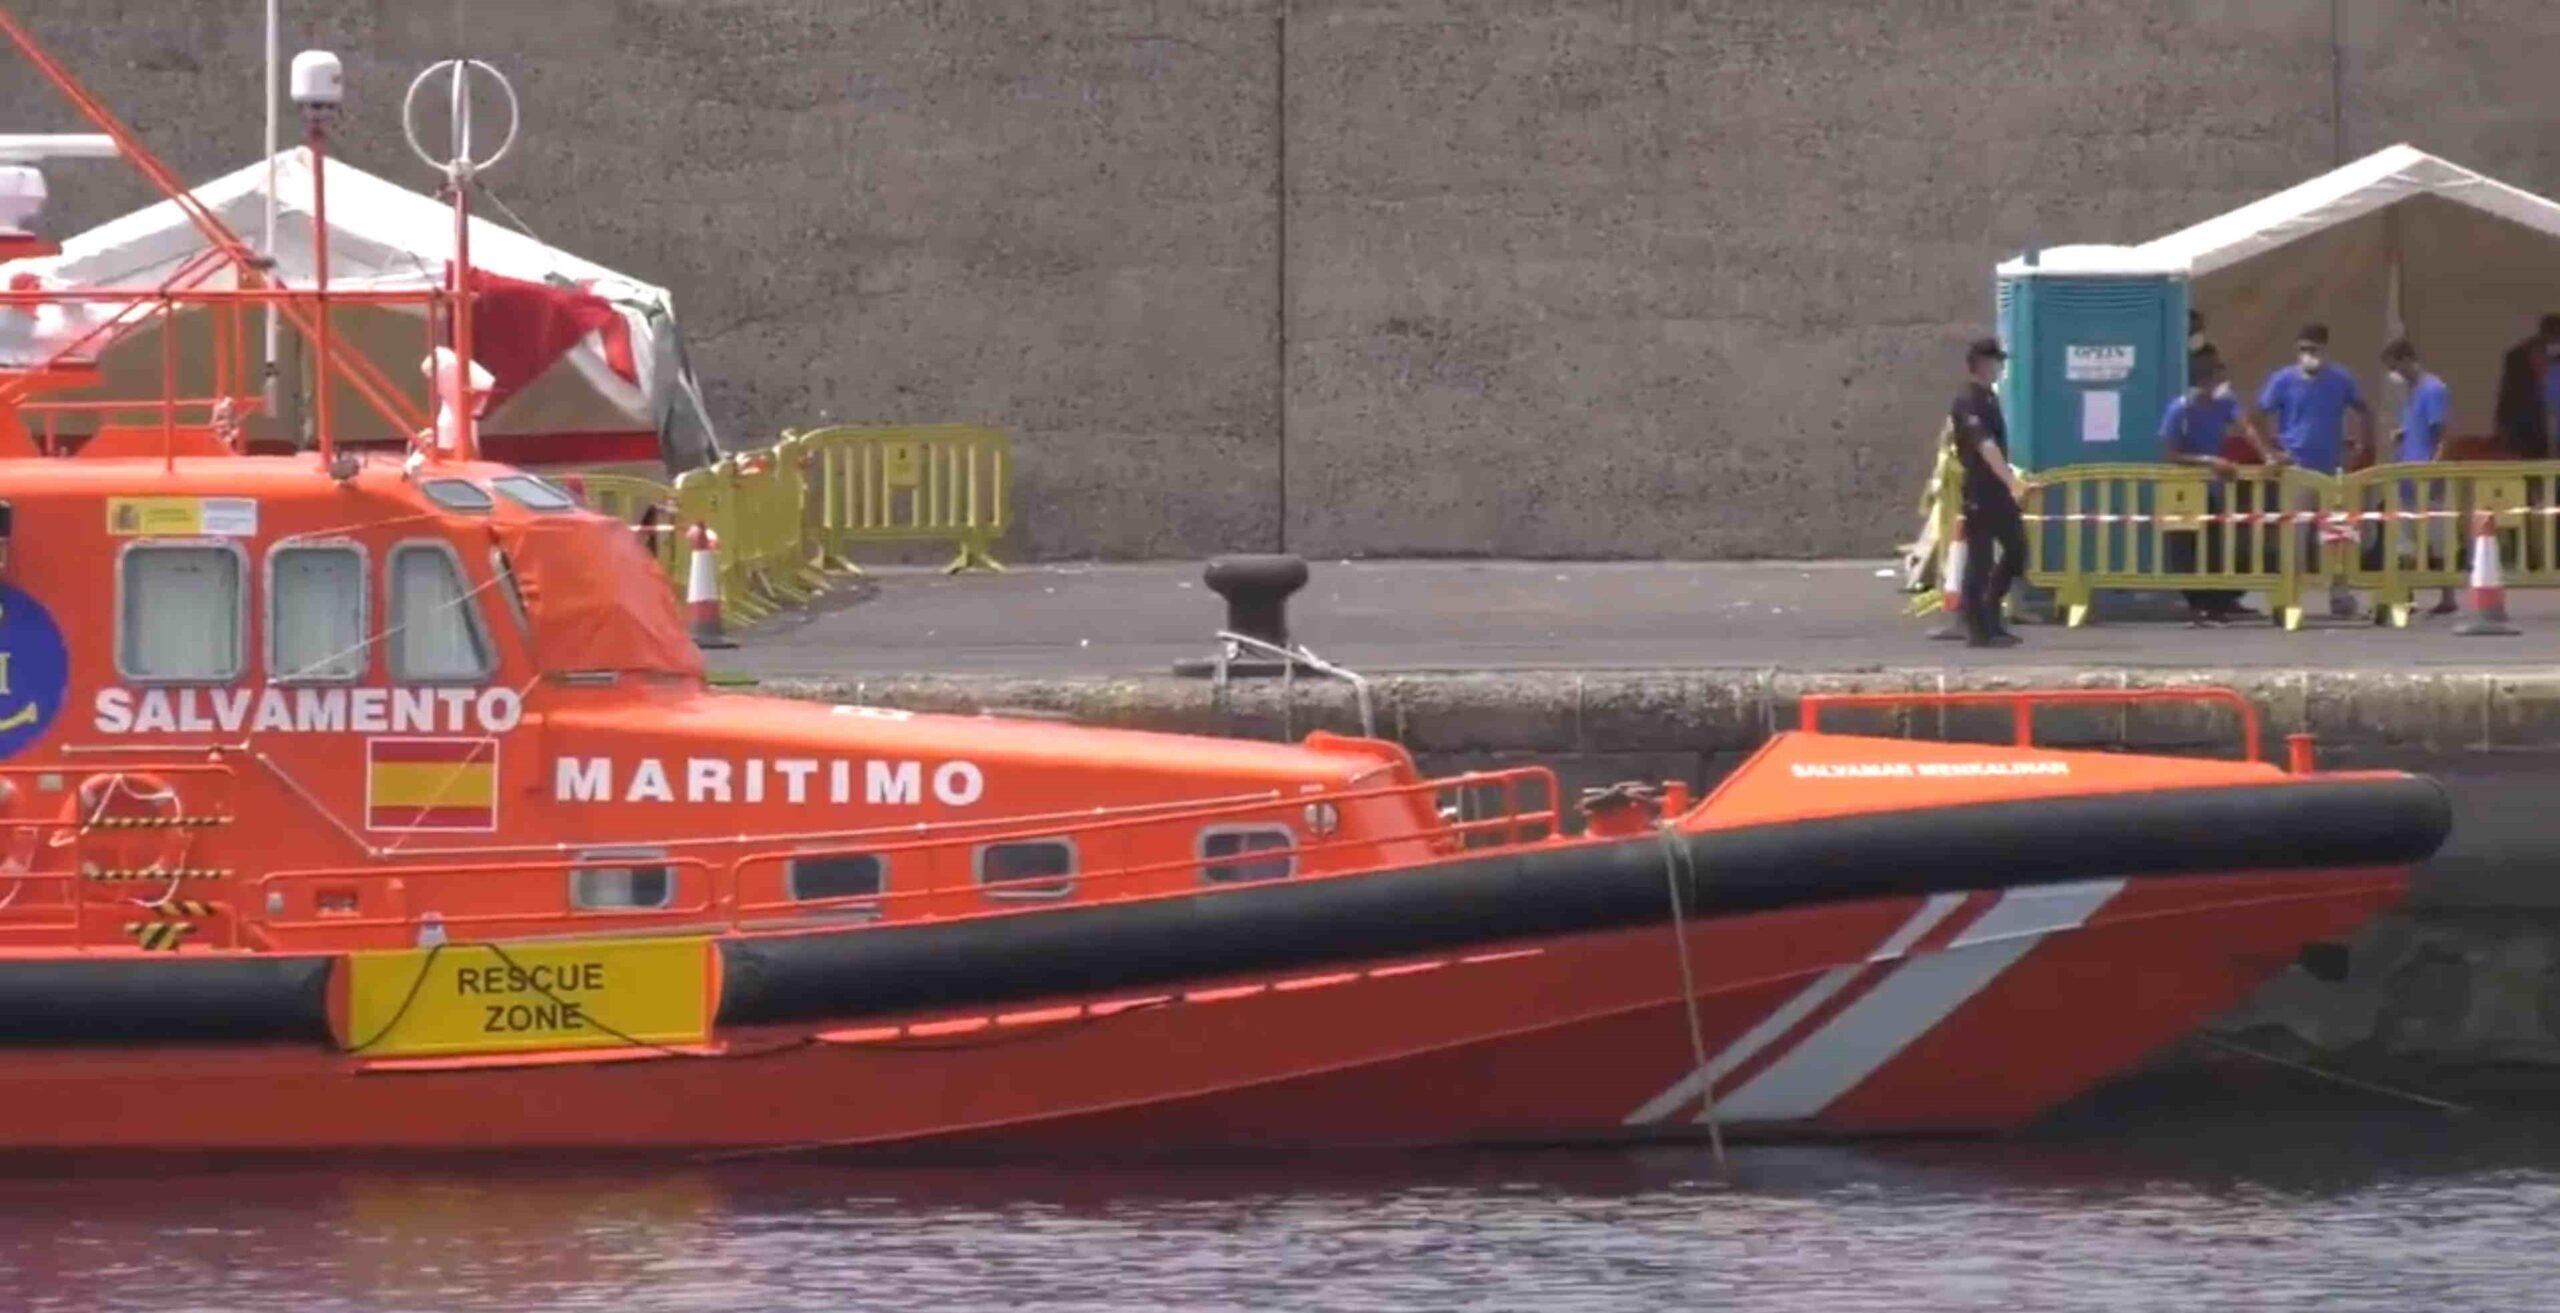 Salvamento lleva a Gran Canaria a 24 magrebíes y detecta una nueva localización compatible con una patera